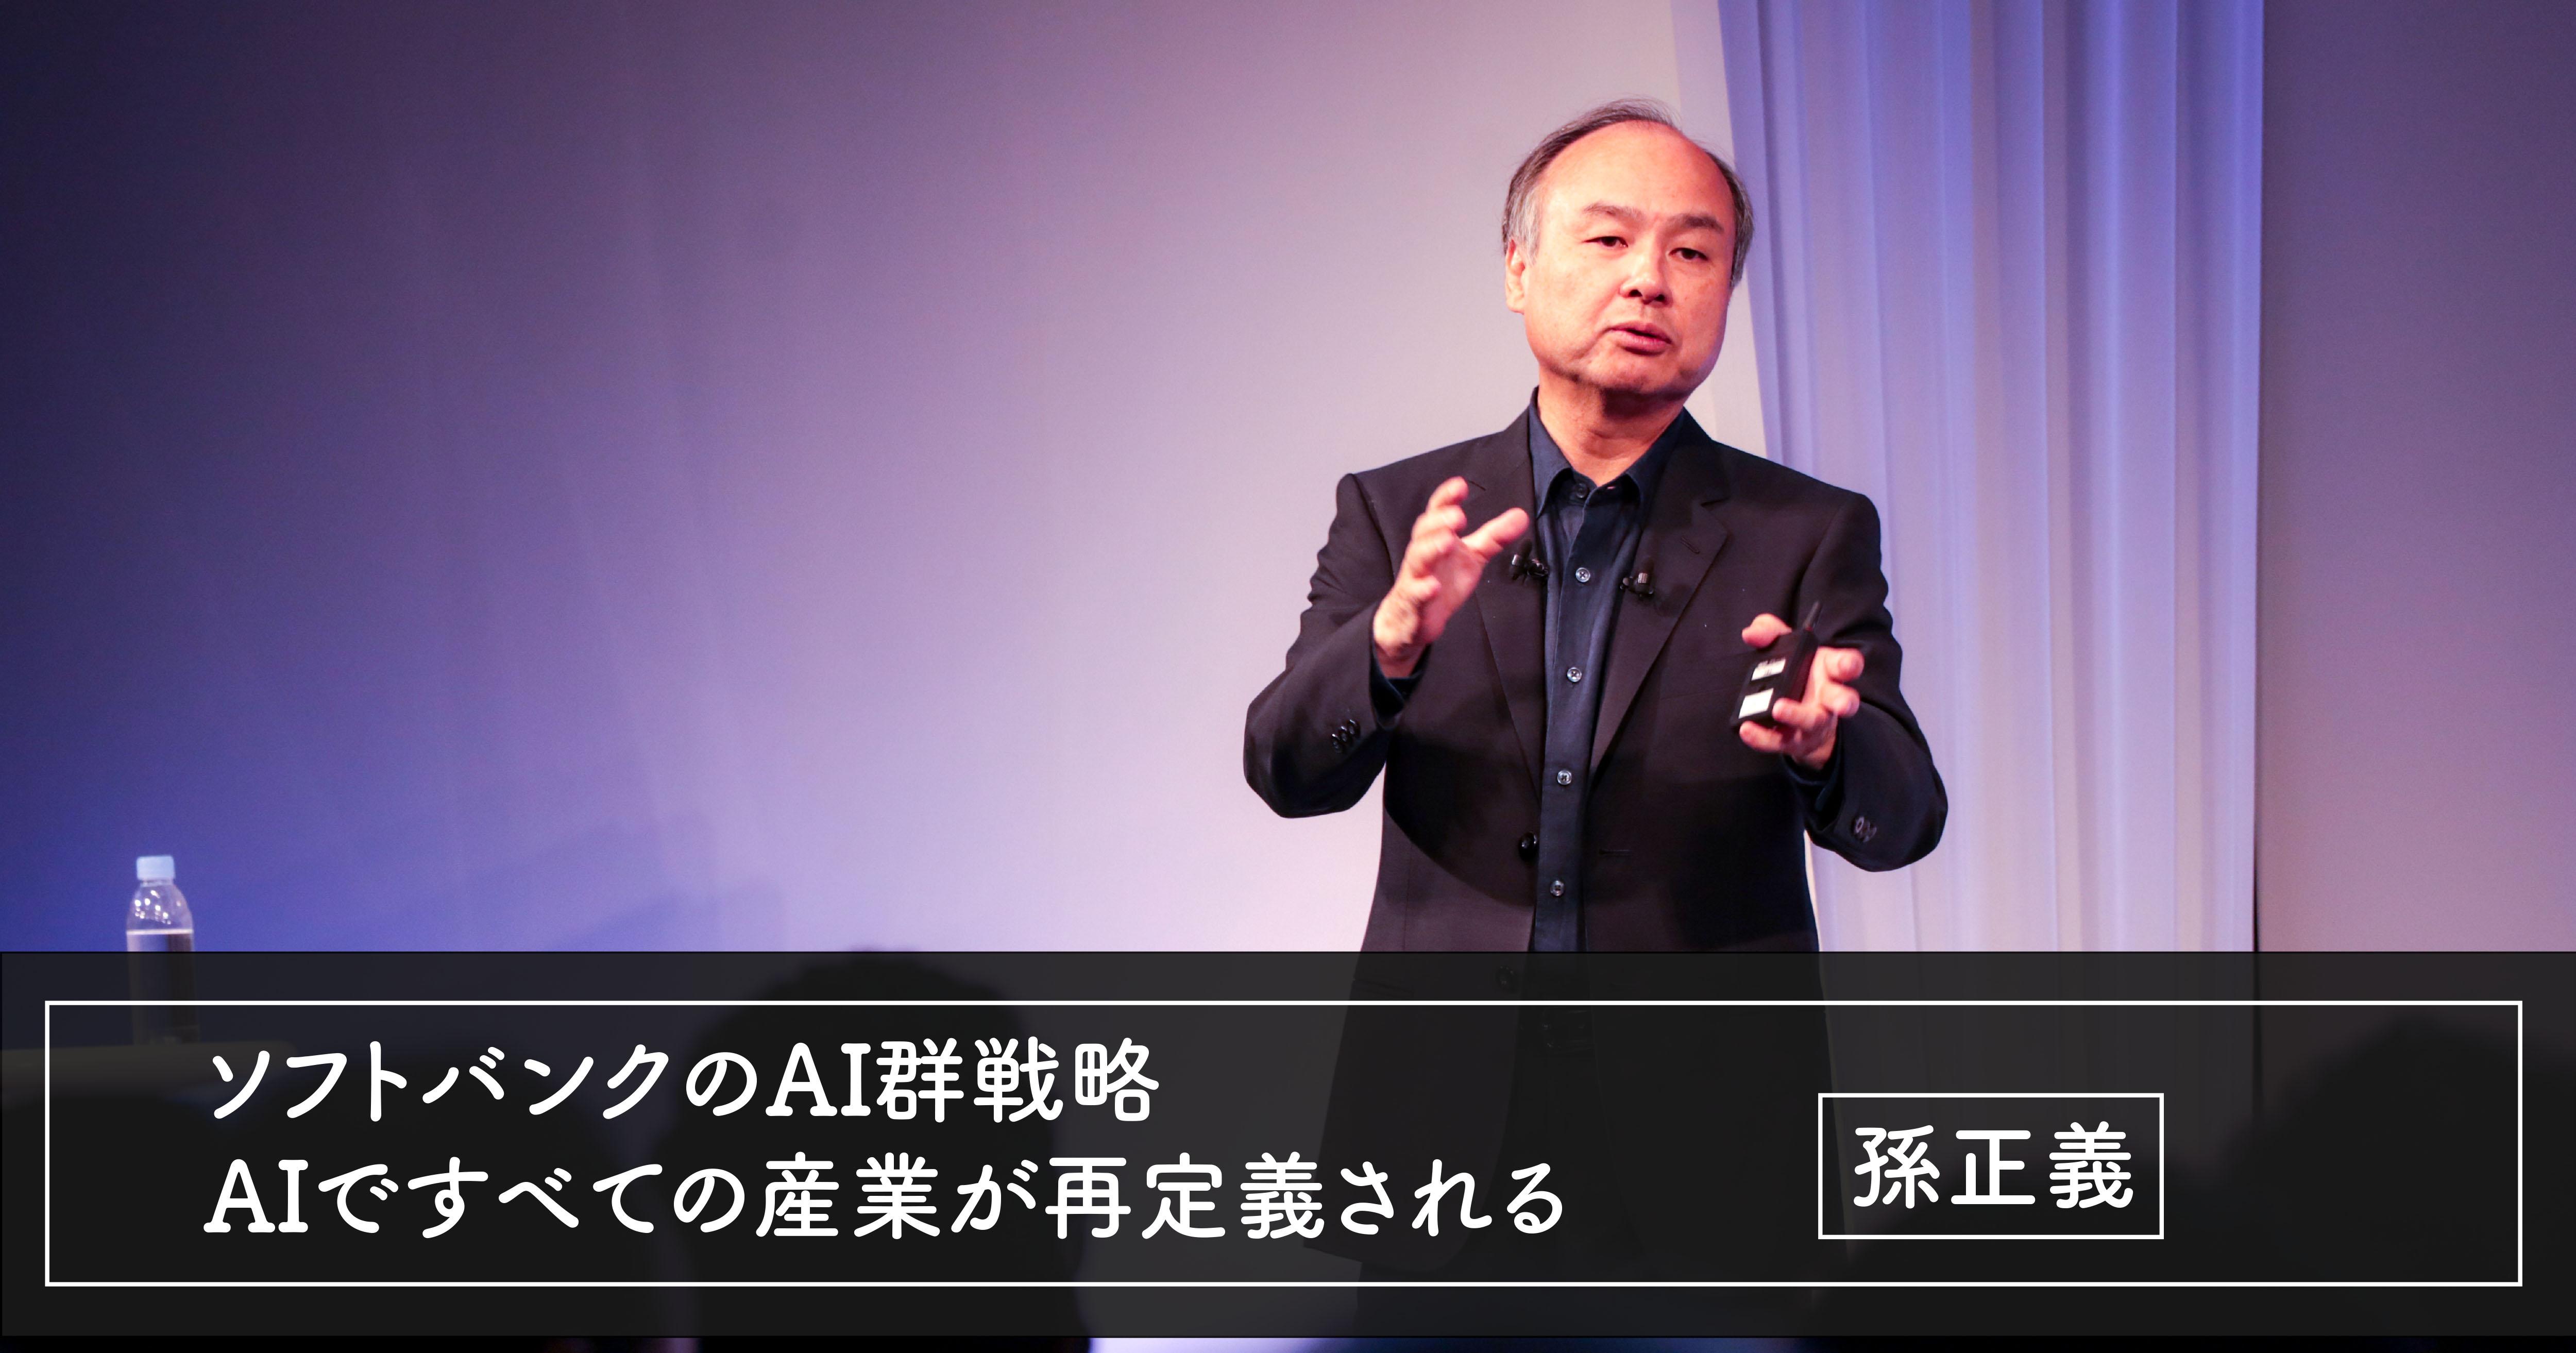 AIを制すものが未来を制する」孫正義が描くAI群戦略【SoftBank World ...